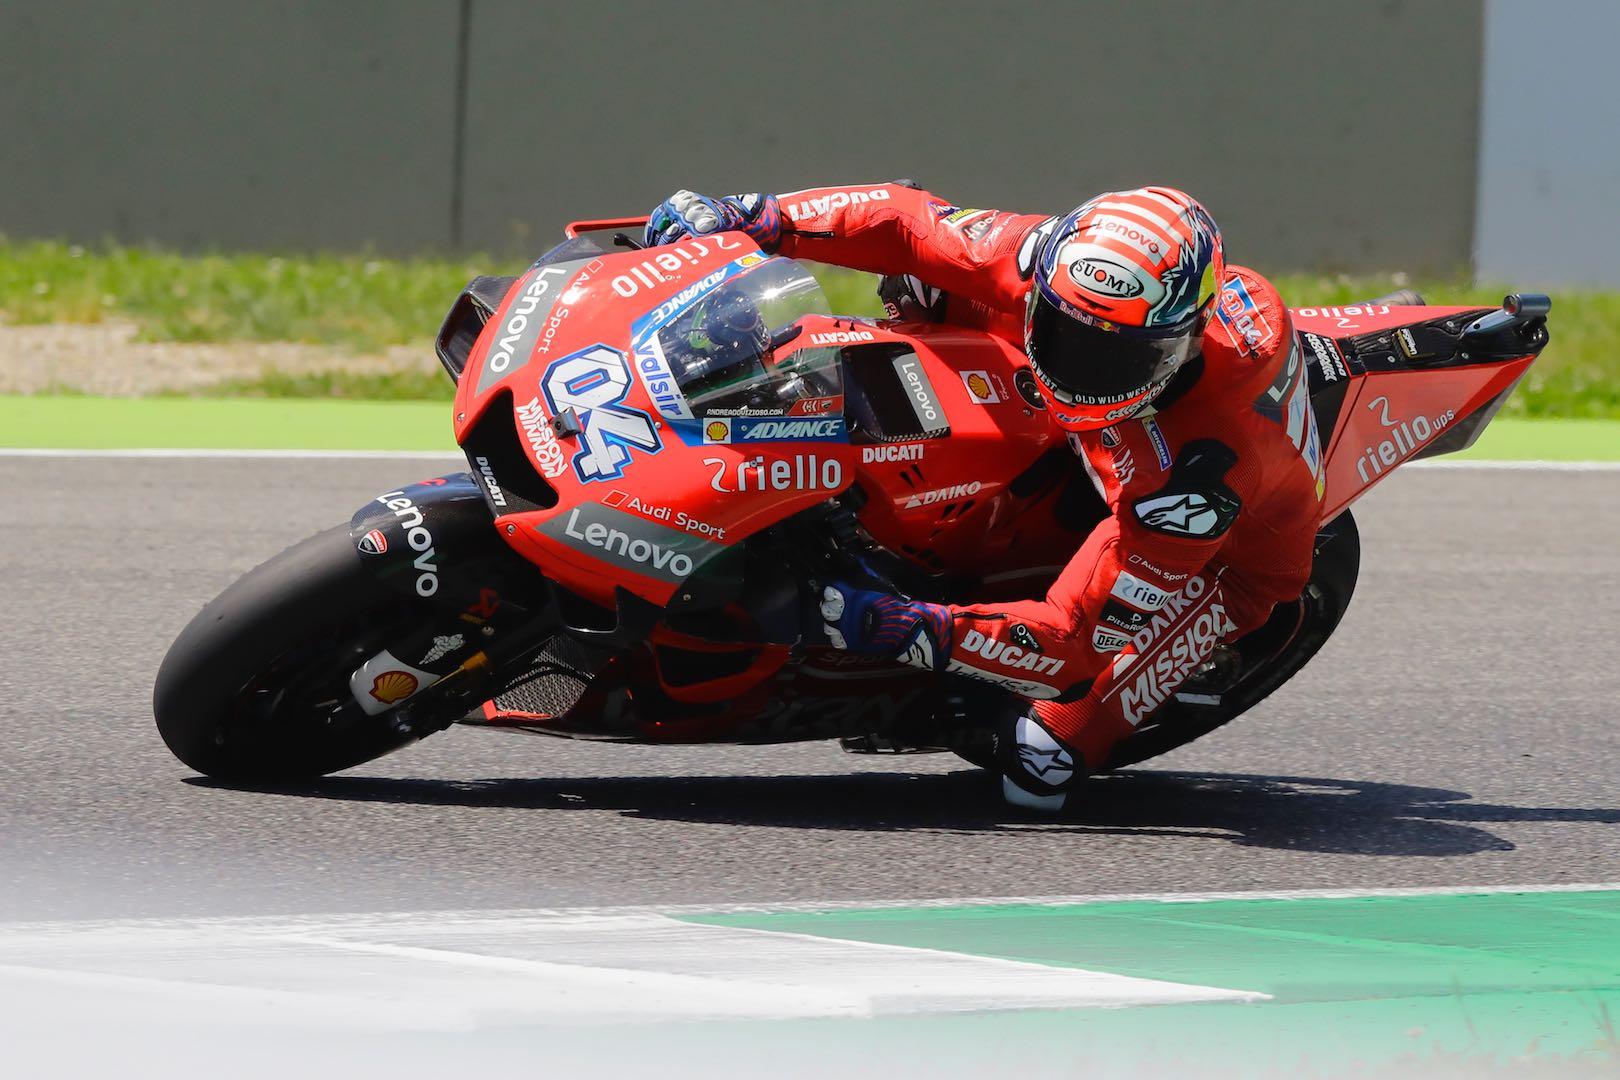 Ducati Dovizioso third at Mugello MotoGP 2019